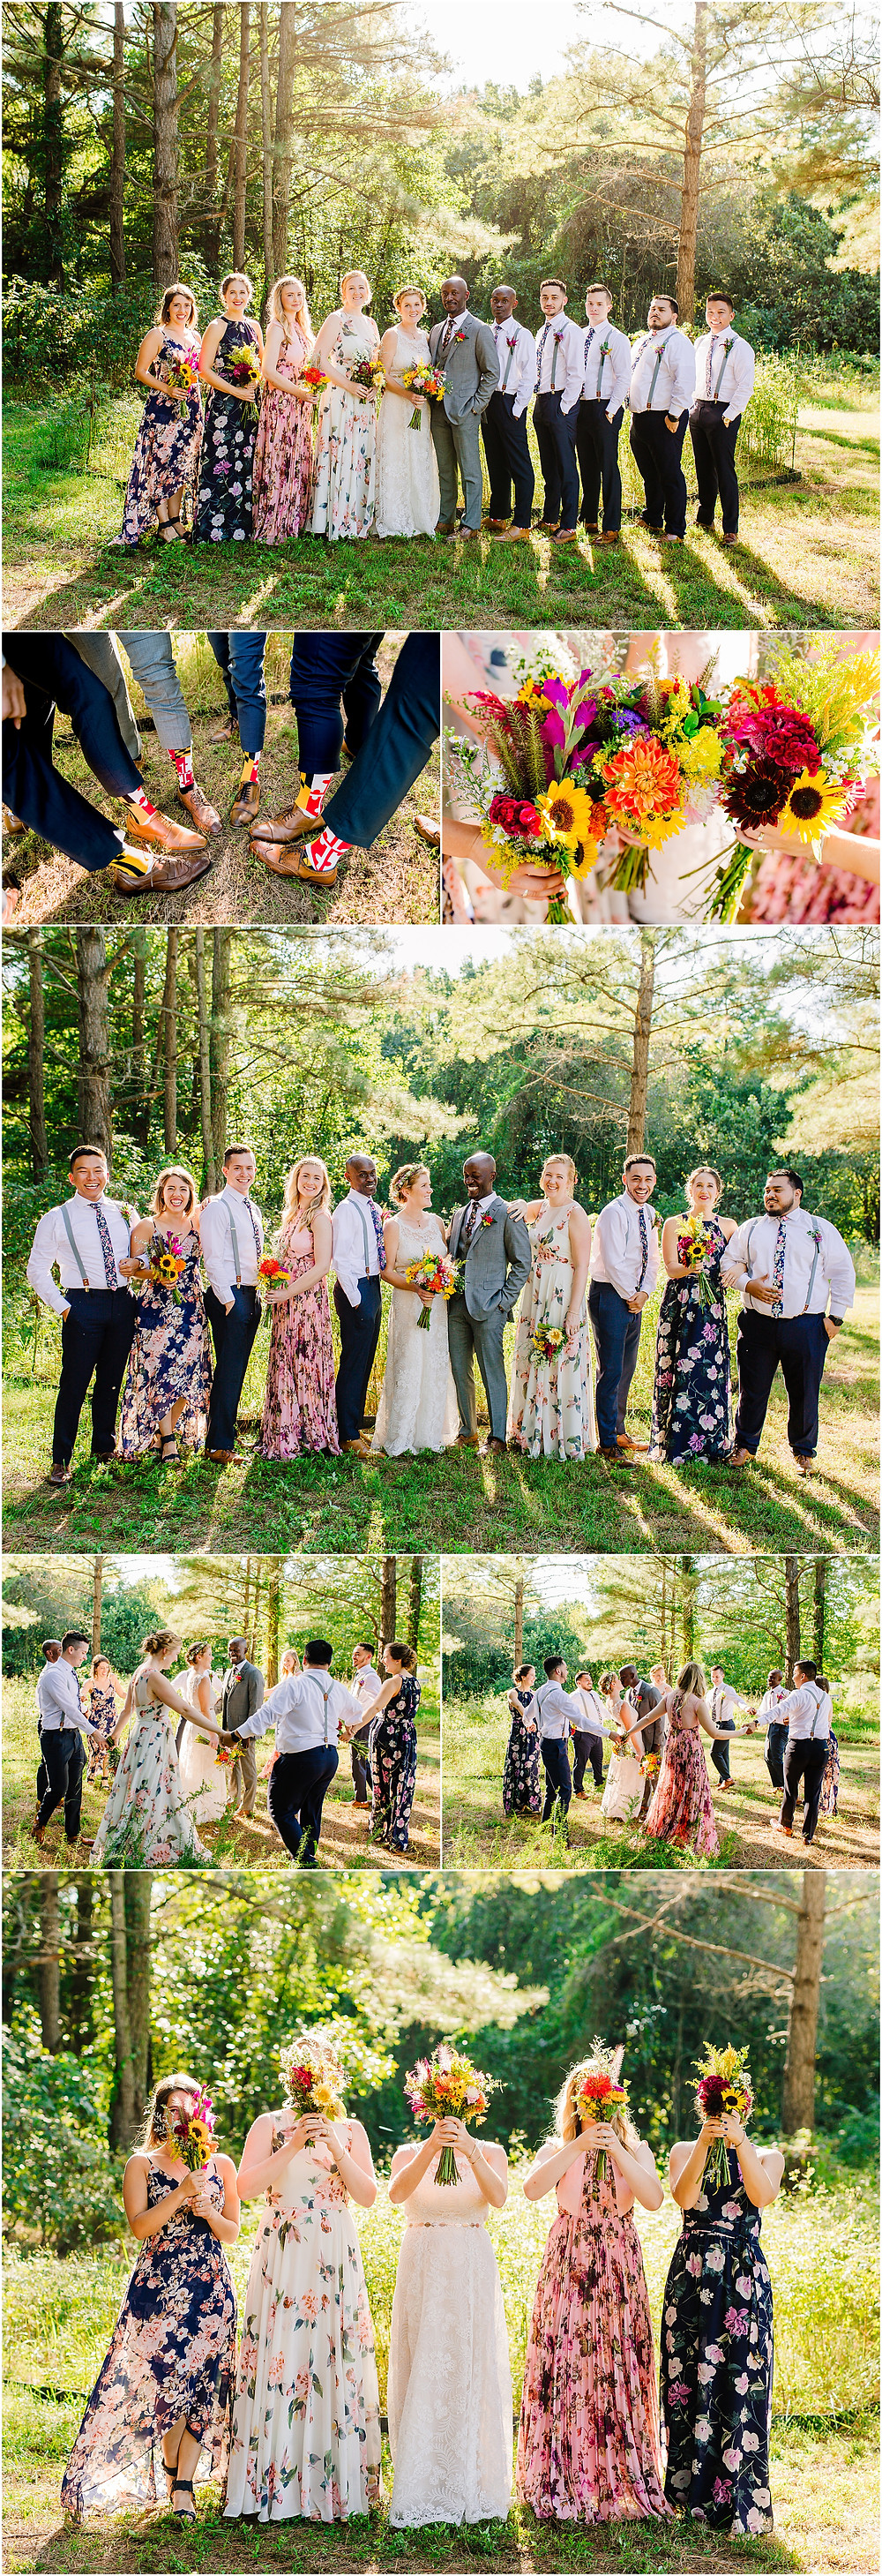 Adkins Arboretum Wedding